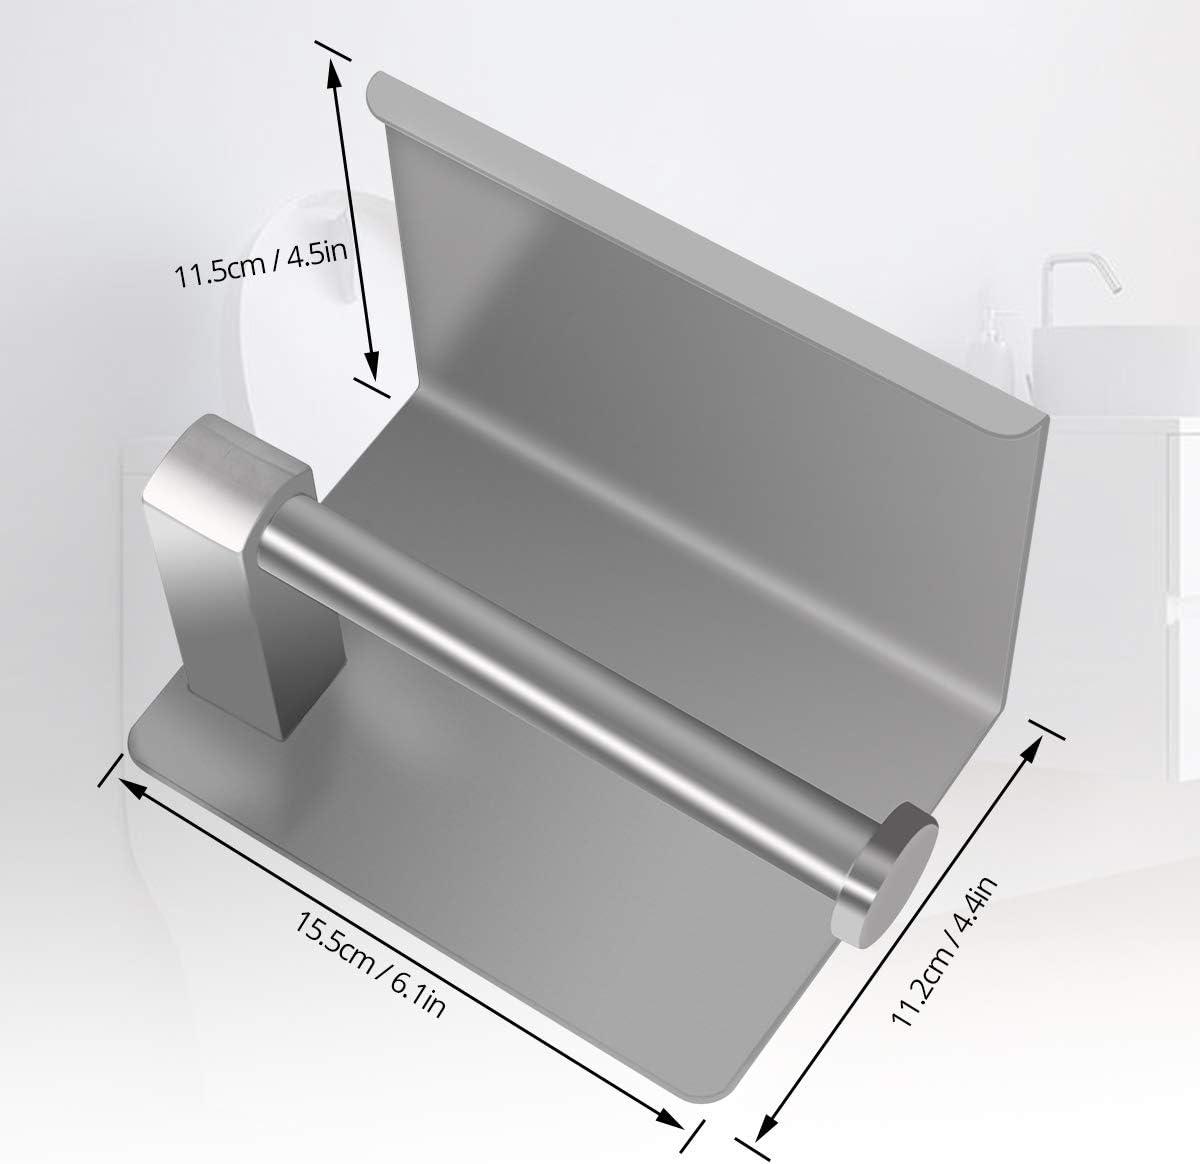 VOLUEX Portarotolo da parete con ampio ripiano autoadesivo in acciaio inox SUS304 per bagno e cucina